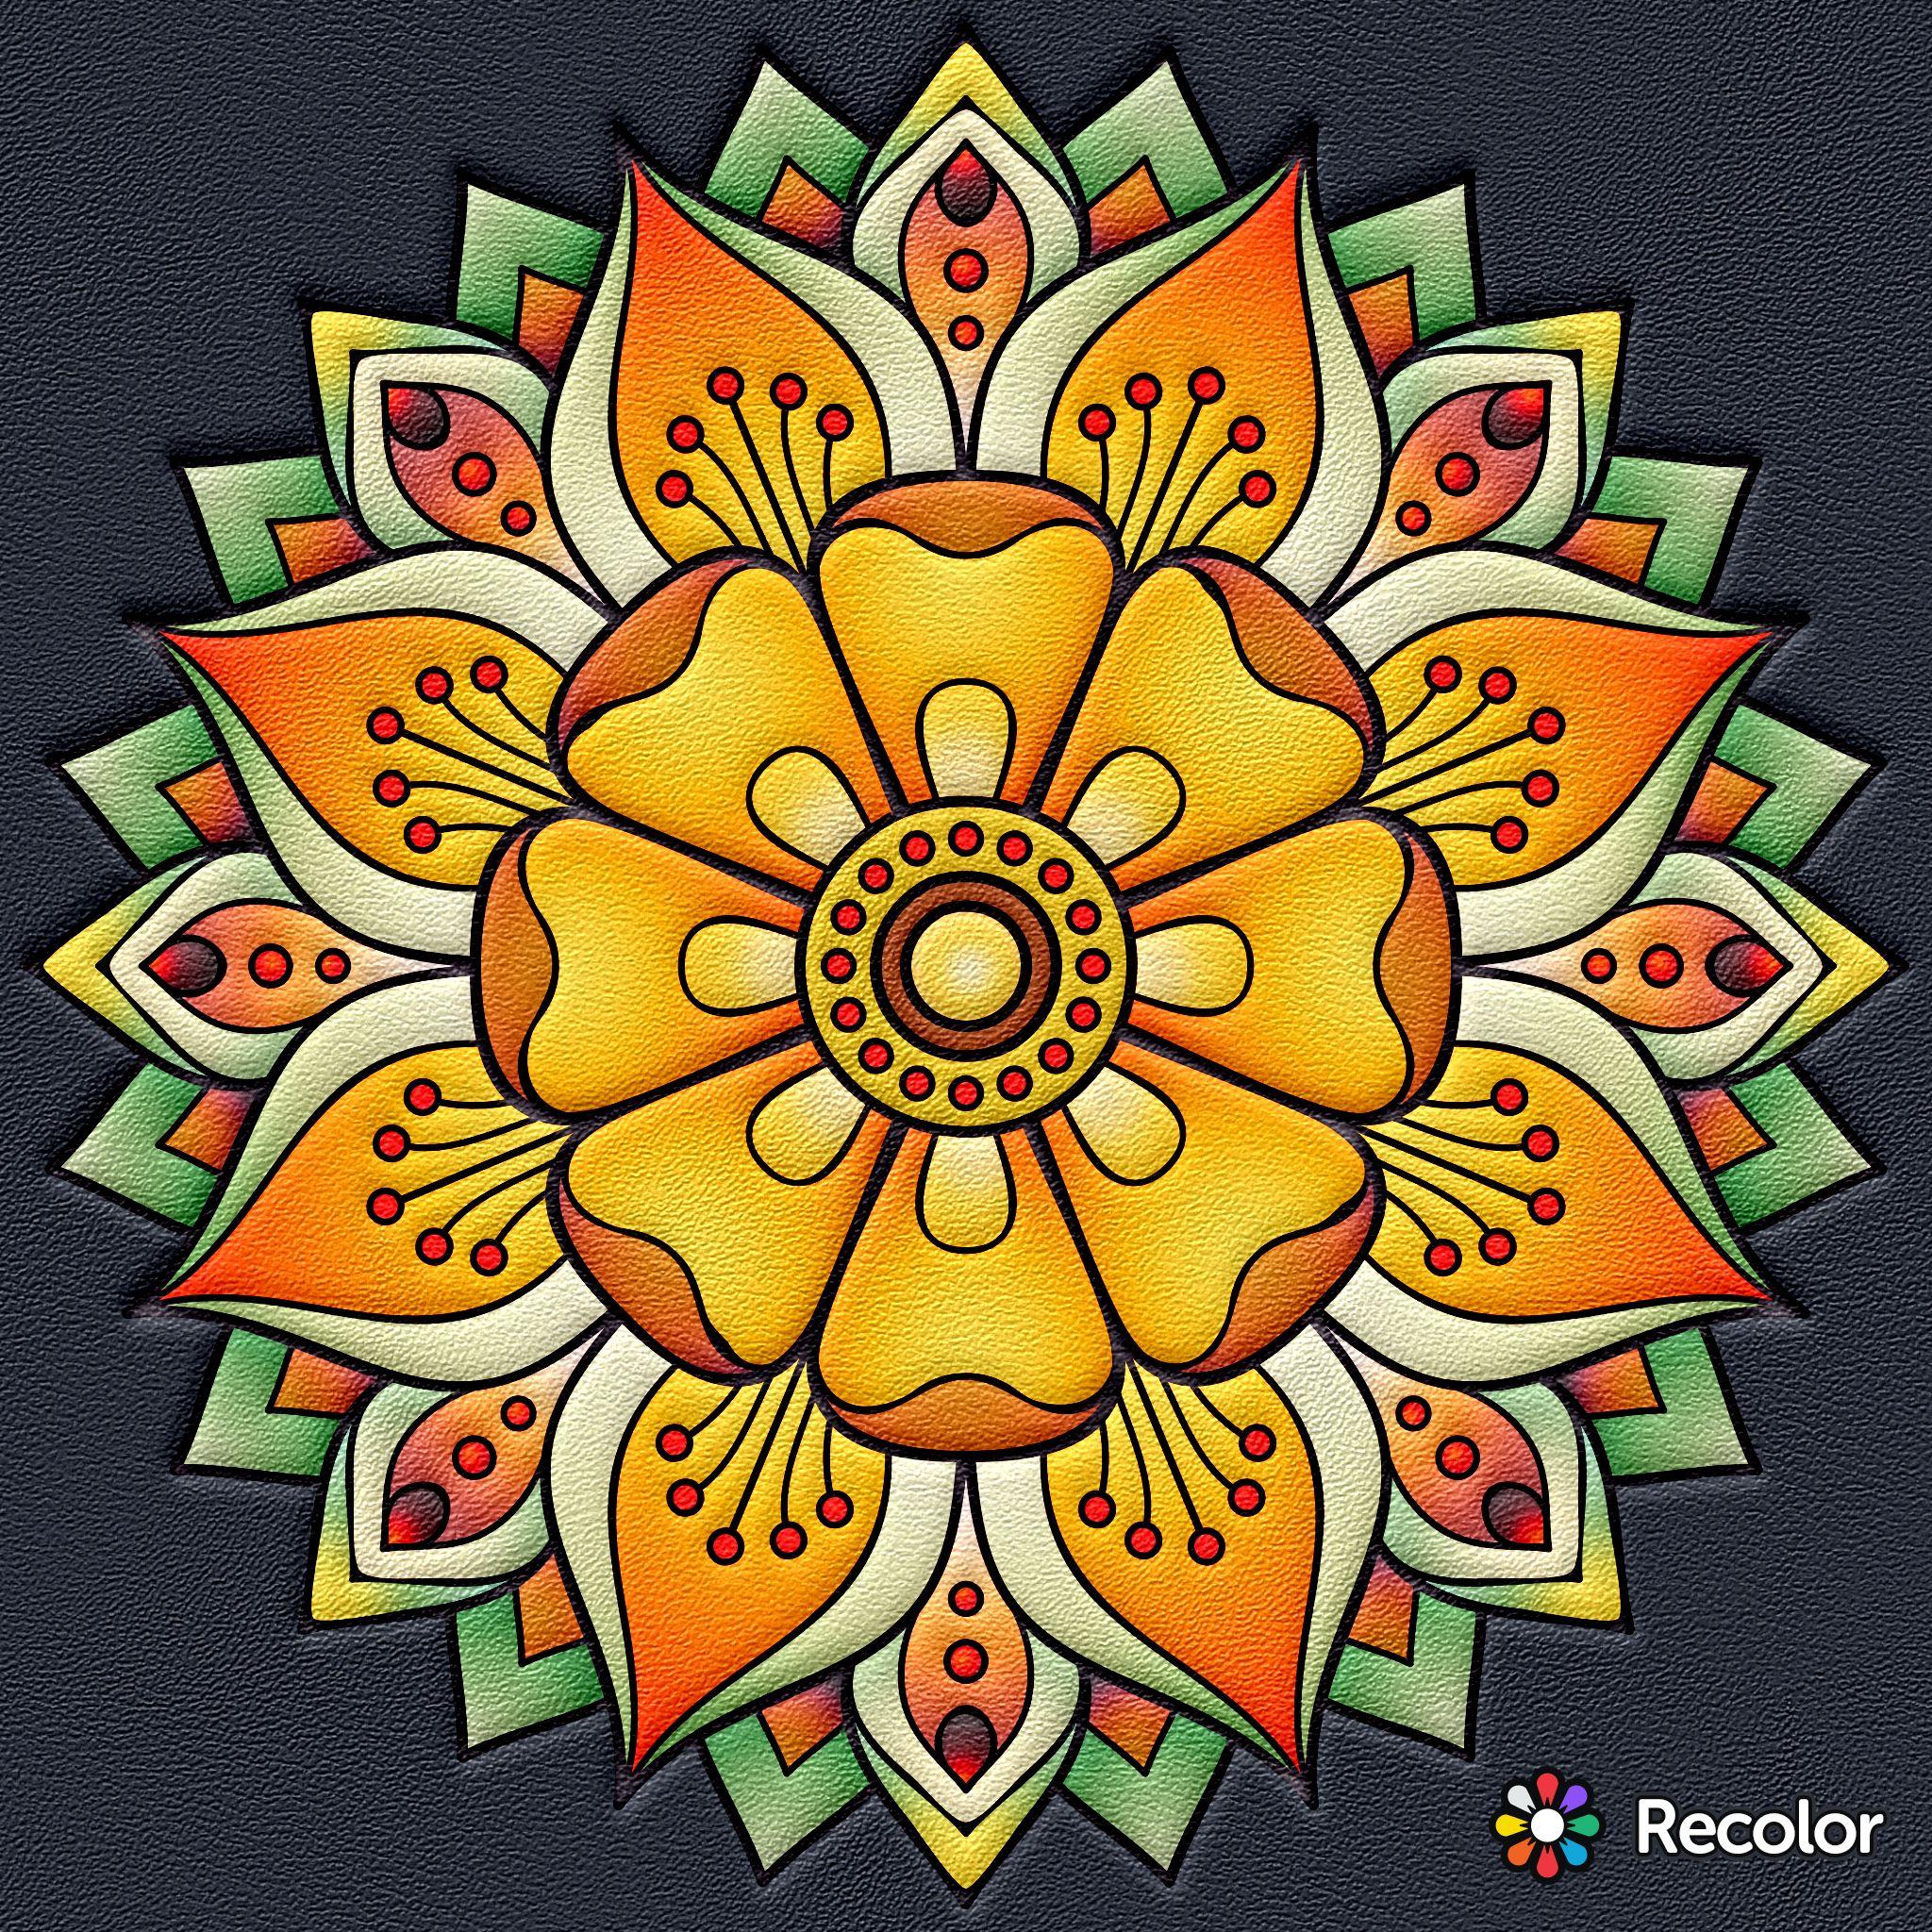 Pin De Ana Em Mandalas Arte Fractal Desenhos De Mandalas